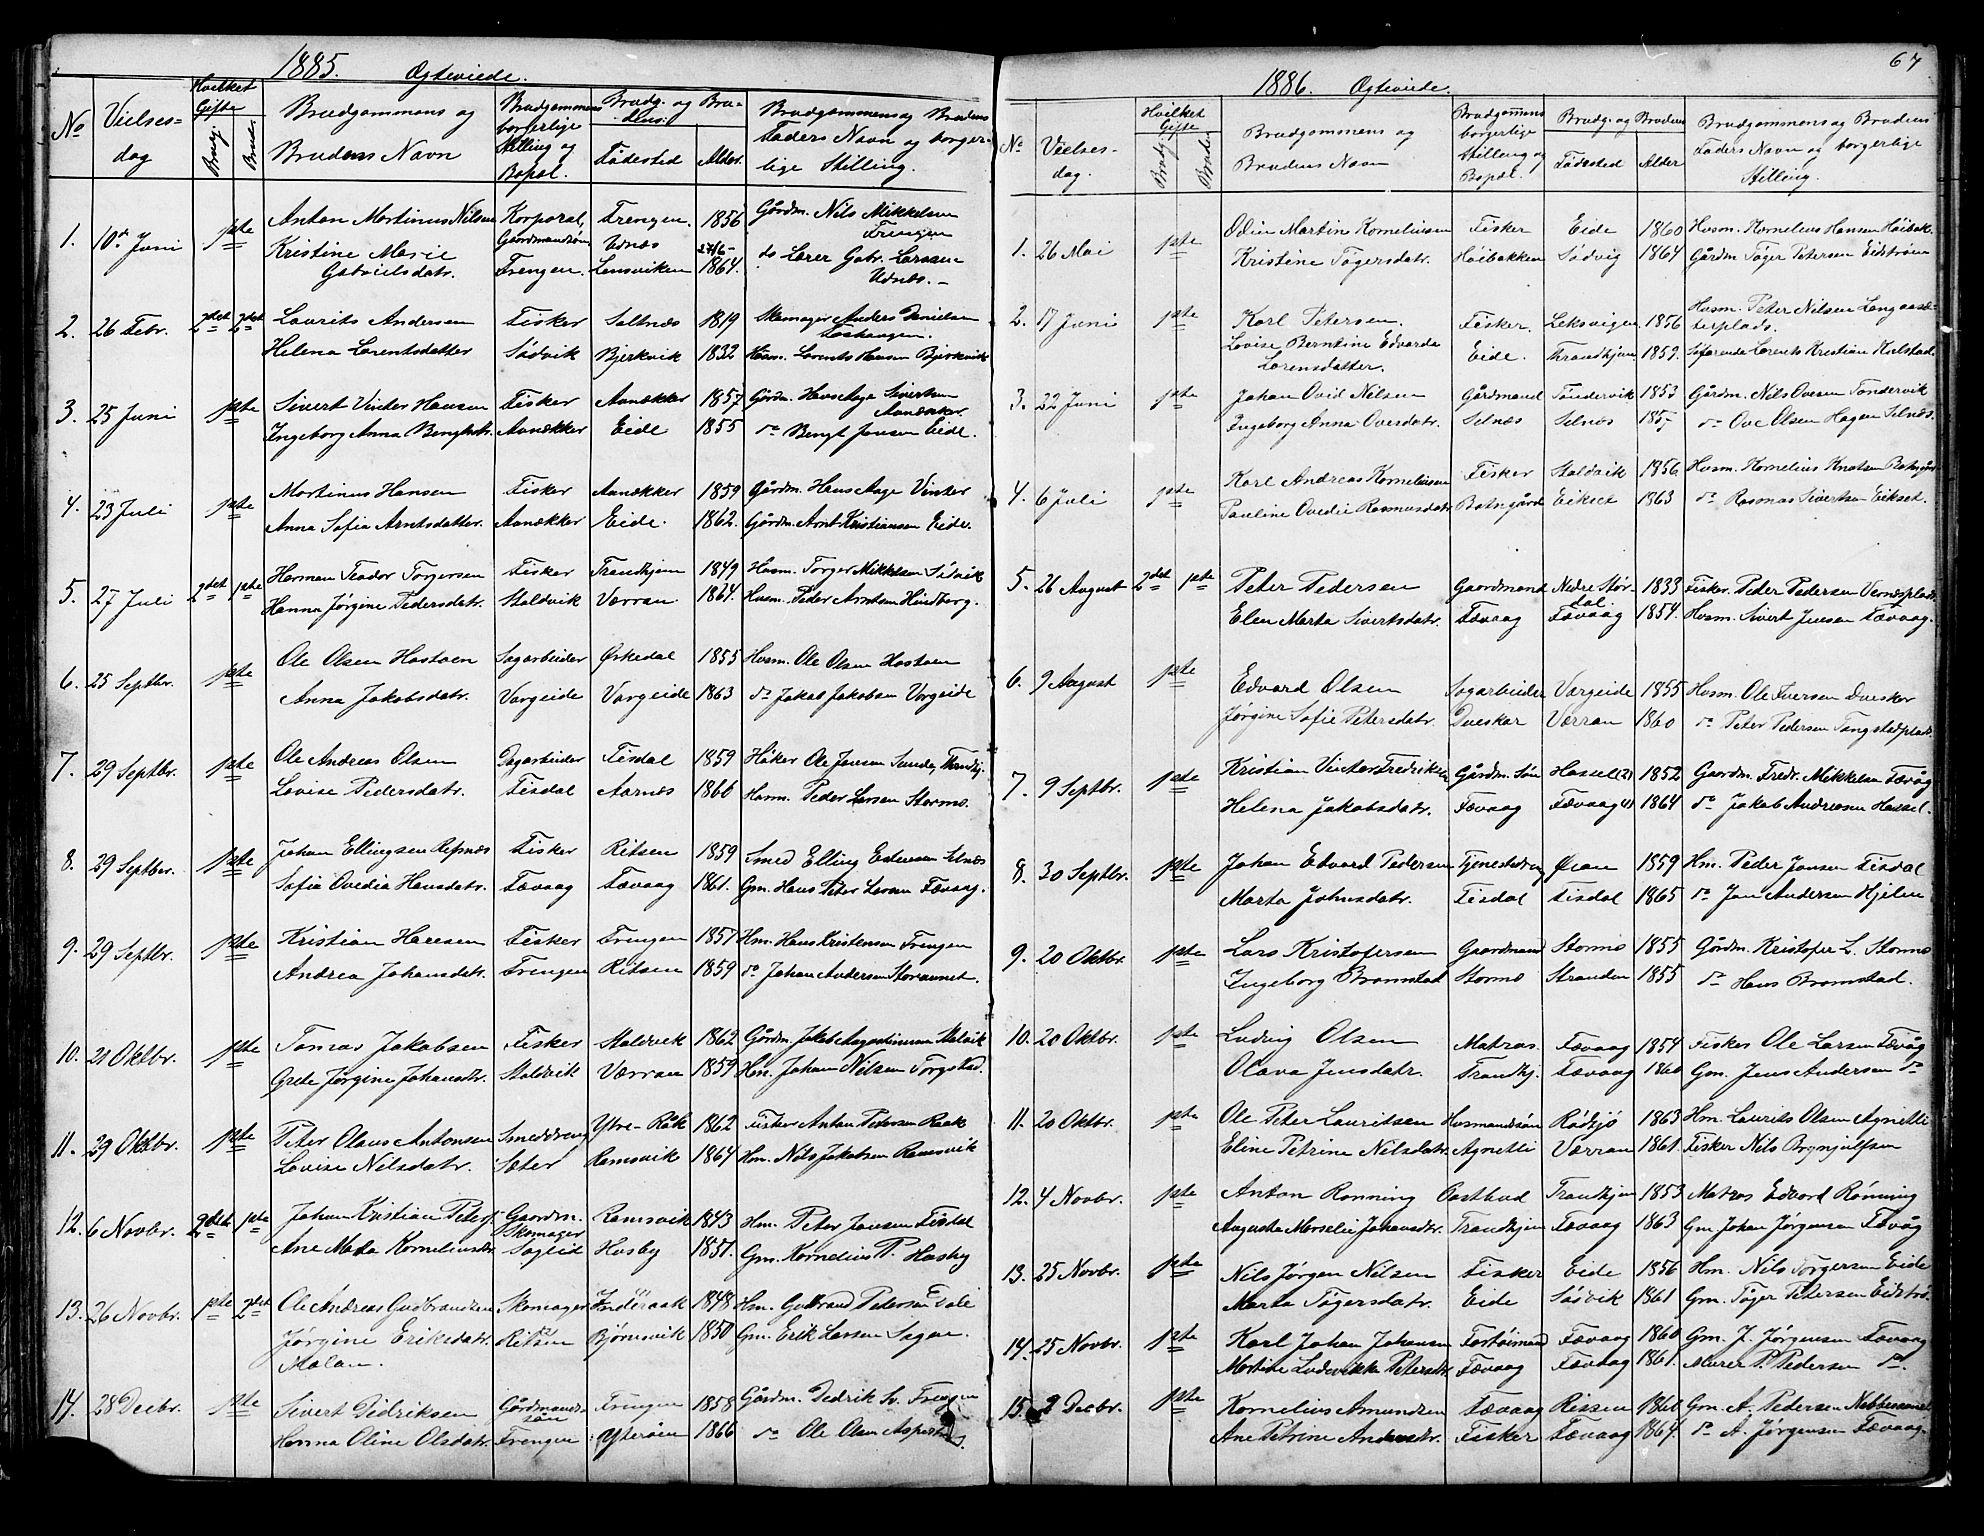 SAT, Ministerialprotokoller, klokkerbøker og fødselsregistre - Sør-Trøndelag, 653/L0657: Klokkerbok nr. 653C01, 1866-1893, s. 67